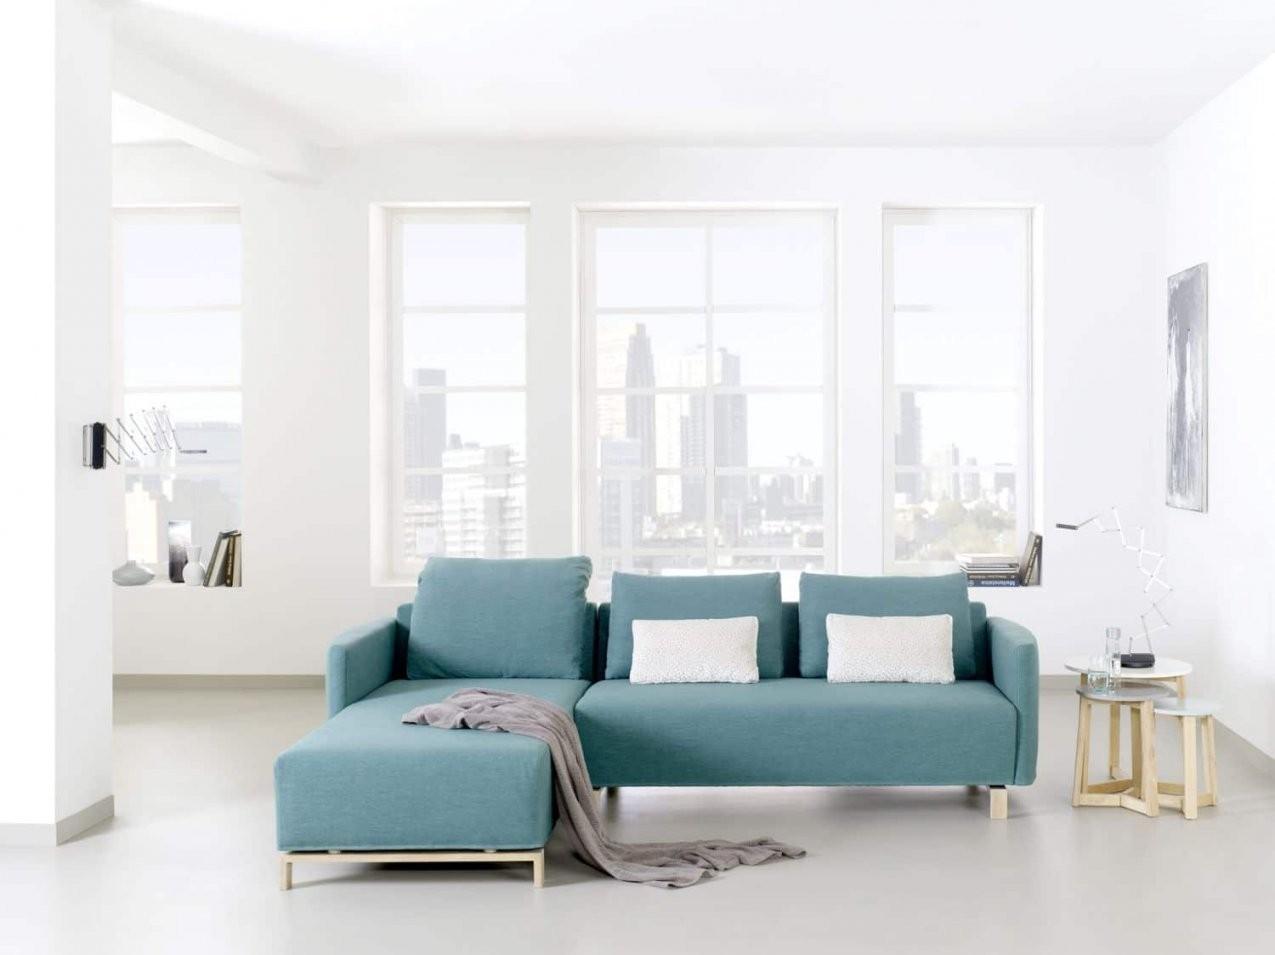 Sofa Giglio 25 Sitzer Und Recamiere  Ergonomie Und Wohnen von 2 Sitzer Sofa Mit Recamiere Bild